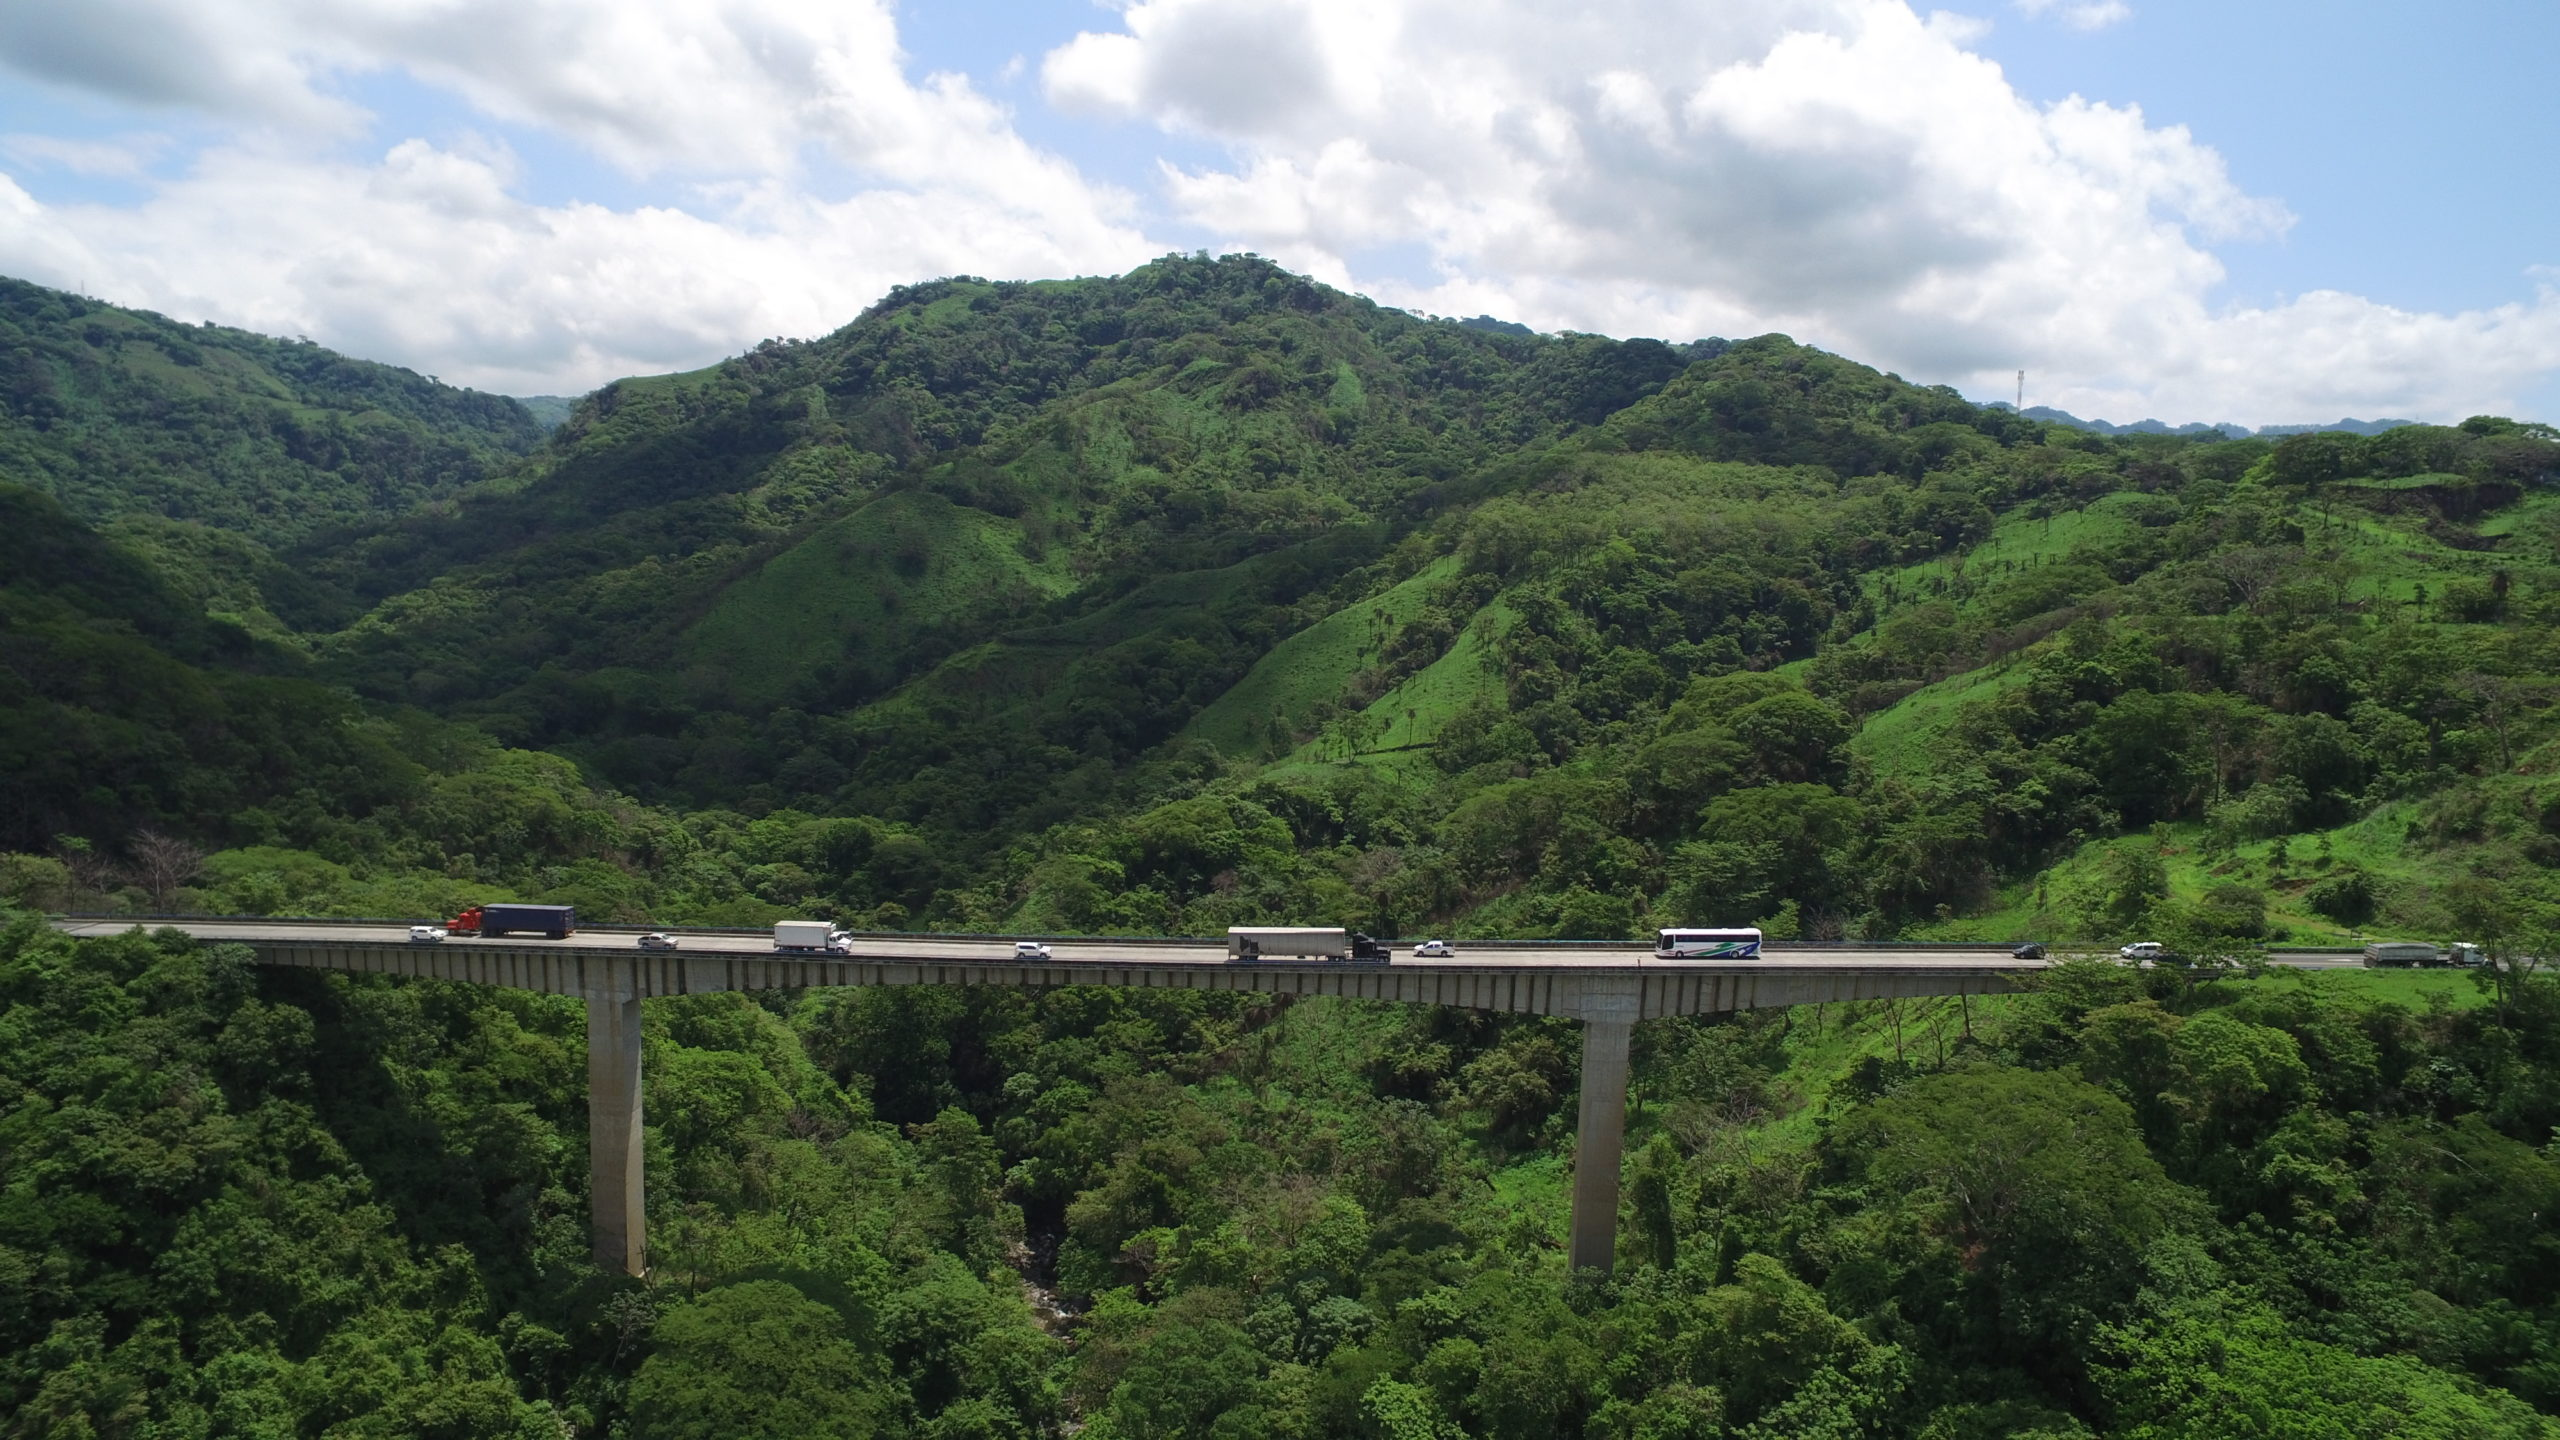 Costa Rica – Ruta 27